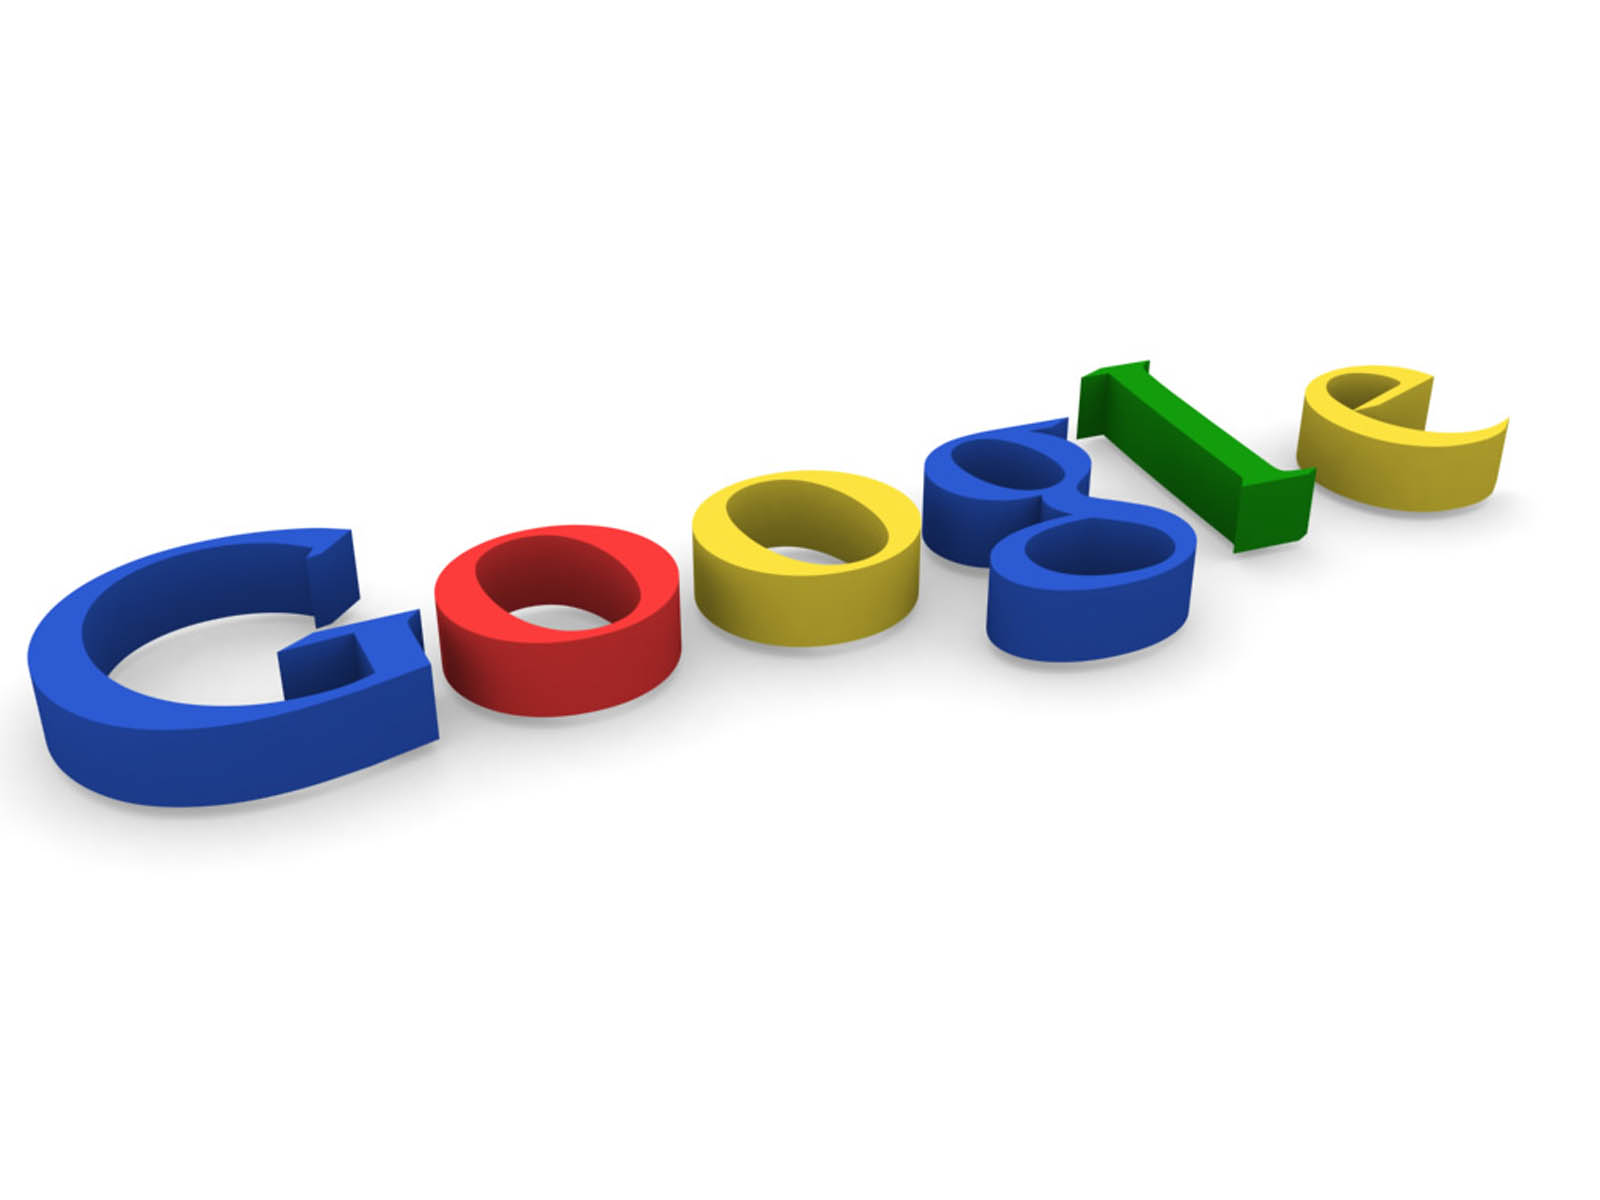 Free Google Desktop Wallpaper - WallpaperSafari